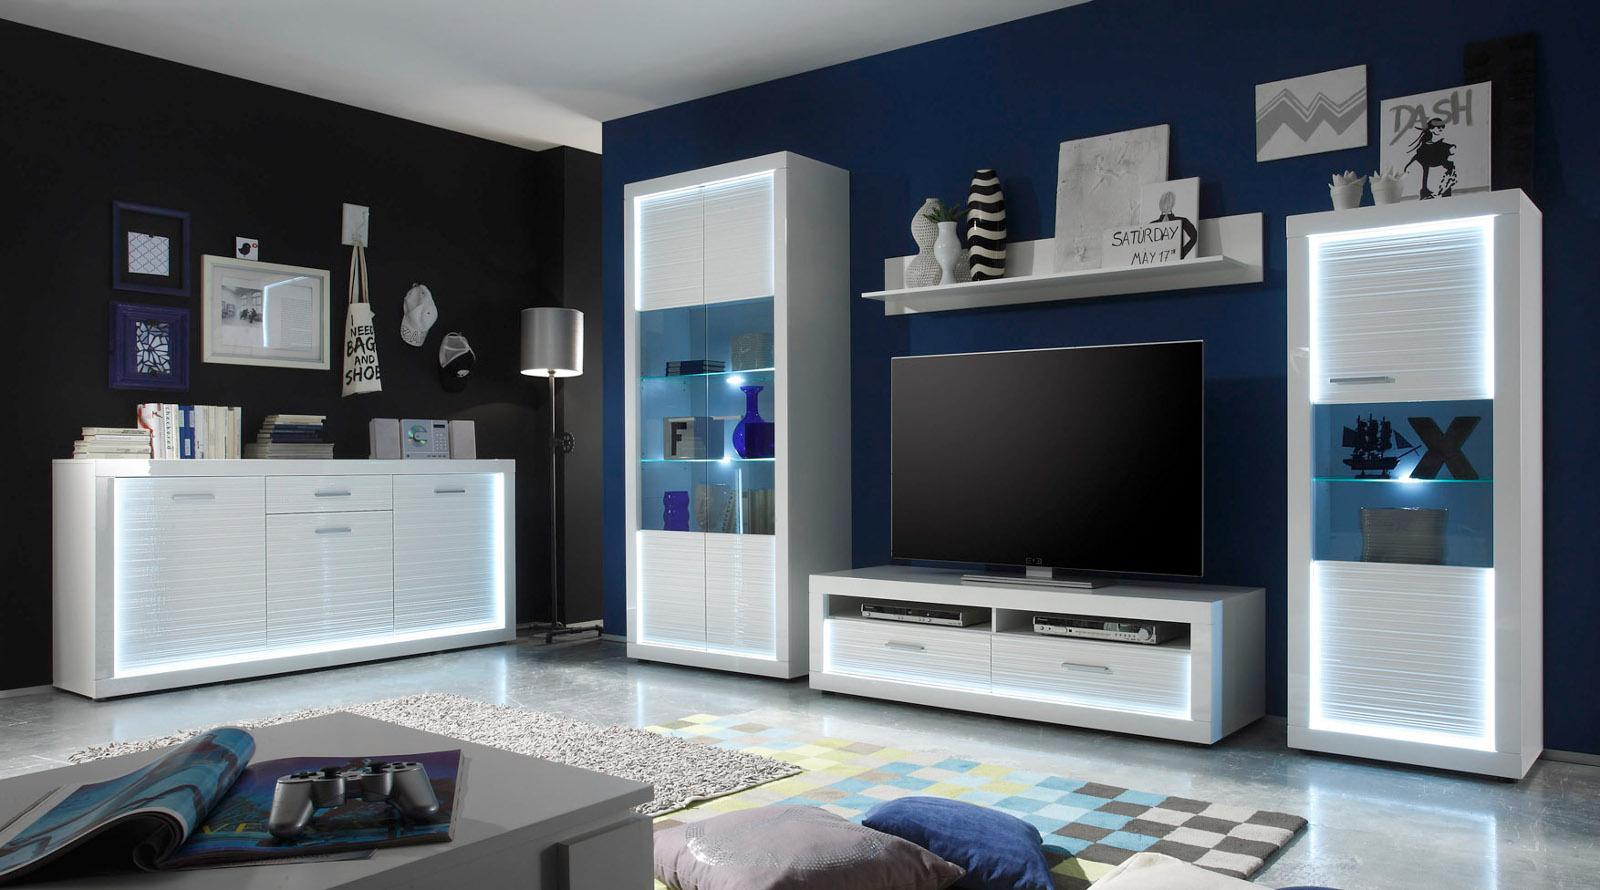 wohnwand wei hochglanz rillenoptik mit led. Black Bedroom Furniture Sets. Home Design Ideas